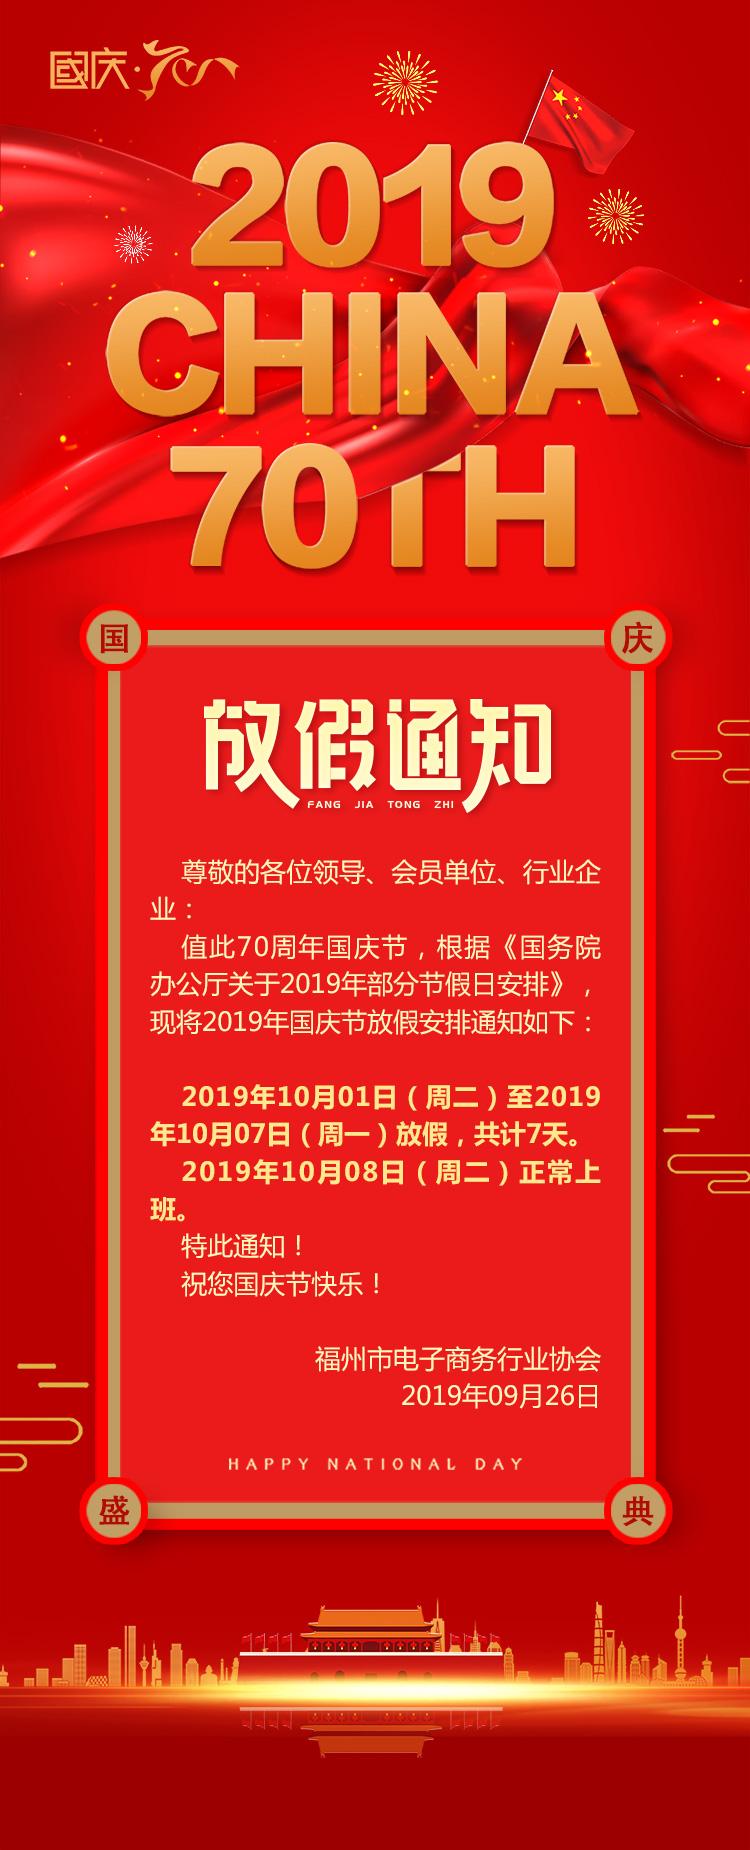 2019国庆放假通知-竞博联盟伙伴协会.jpg